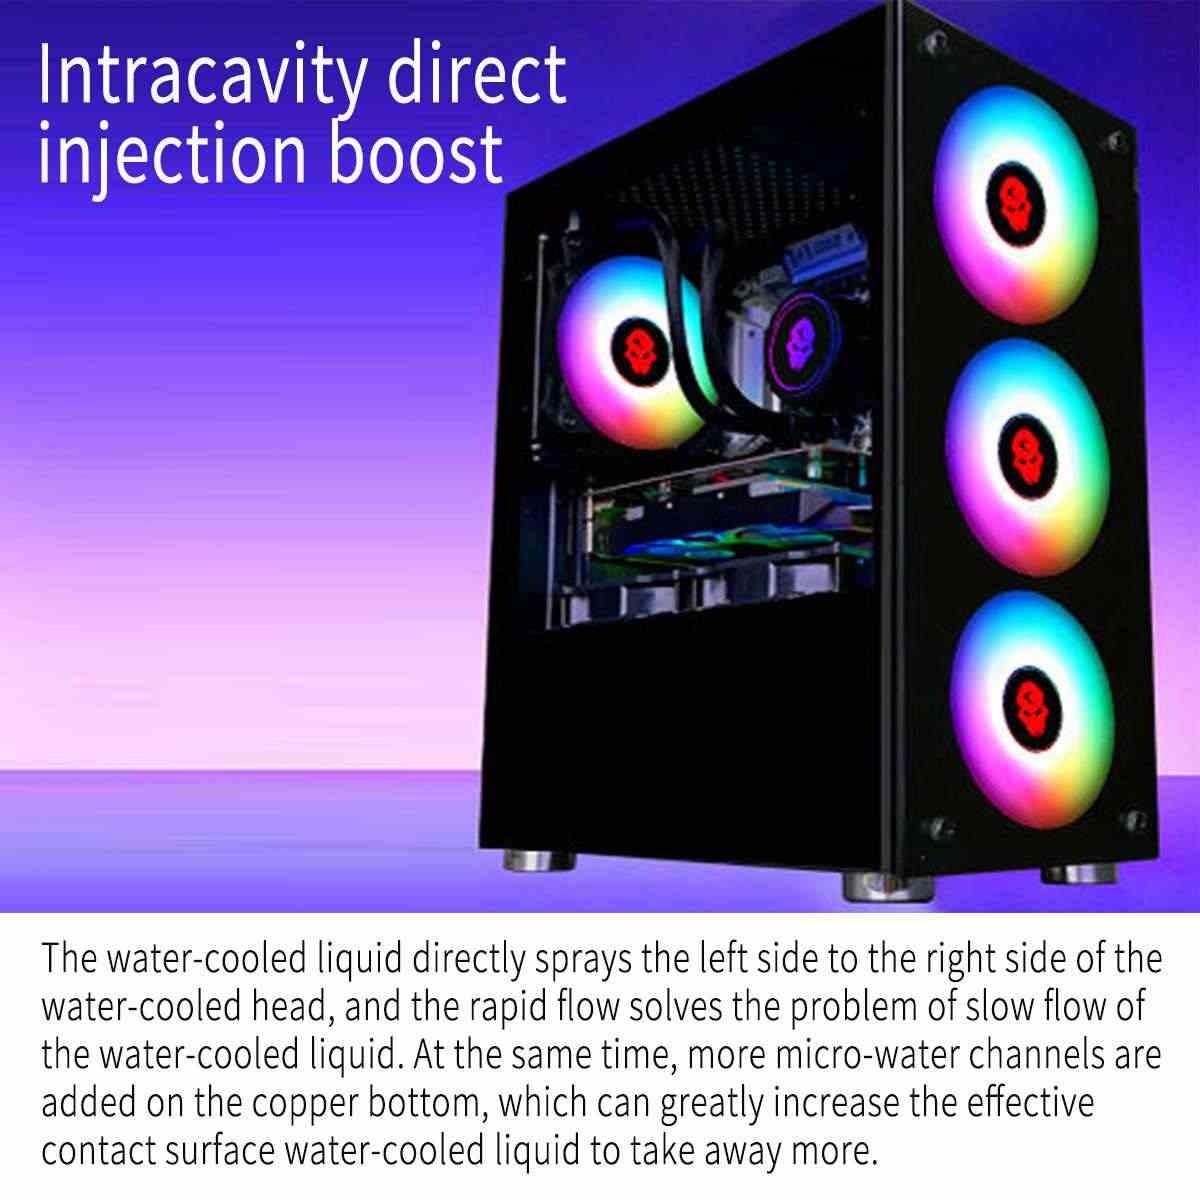 Nước Hệ Thống Làm Mát bằng Chất Lỏng RGB Nước Làm Mát Tản Nhiệt CPU 120mm Quạt Làm Lạnh Nước Tản Nhiệt Nước Làm Lạnh Tản Nhiệt cho CPU Intel /AMD